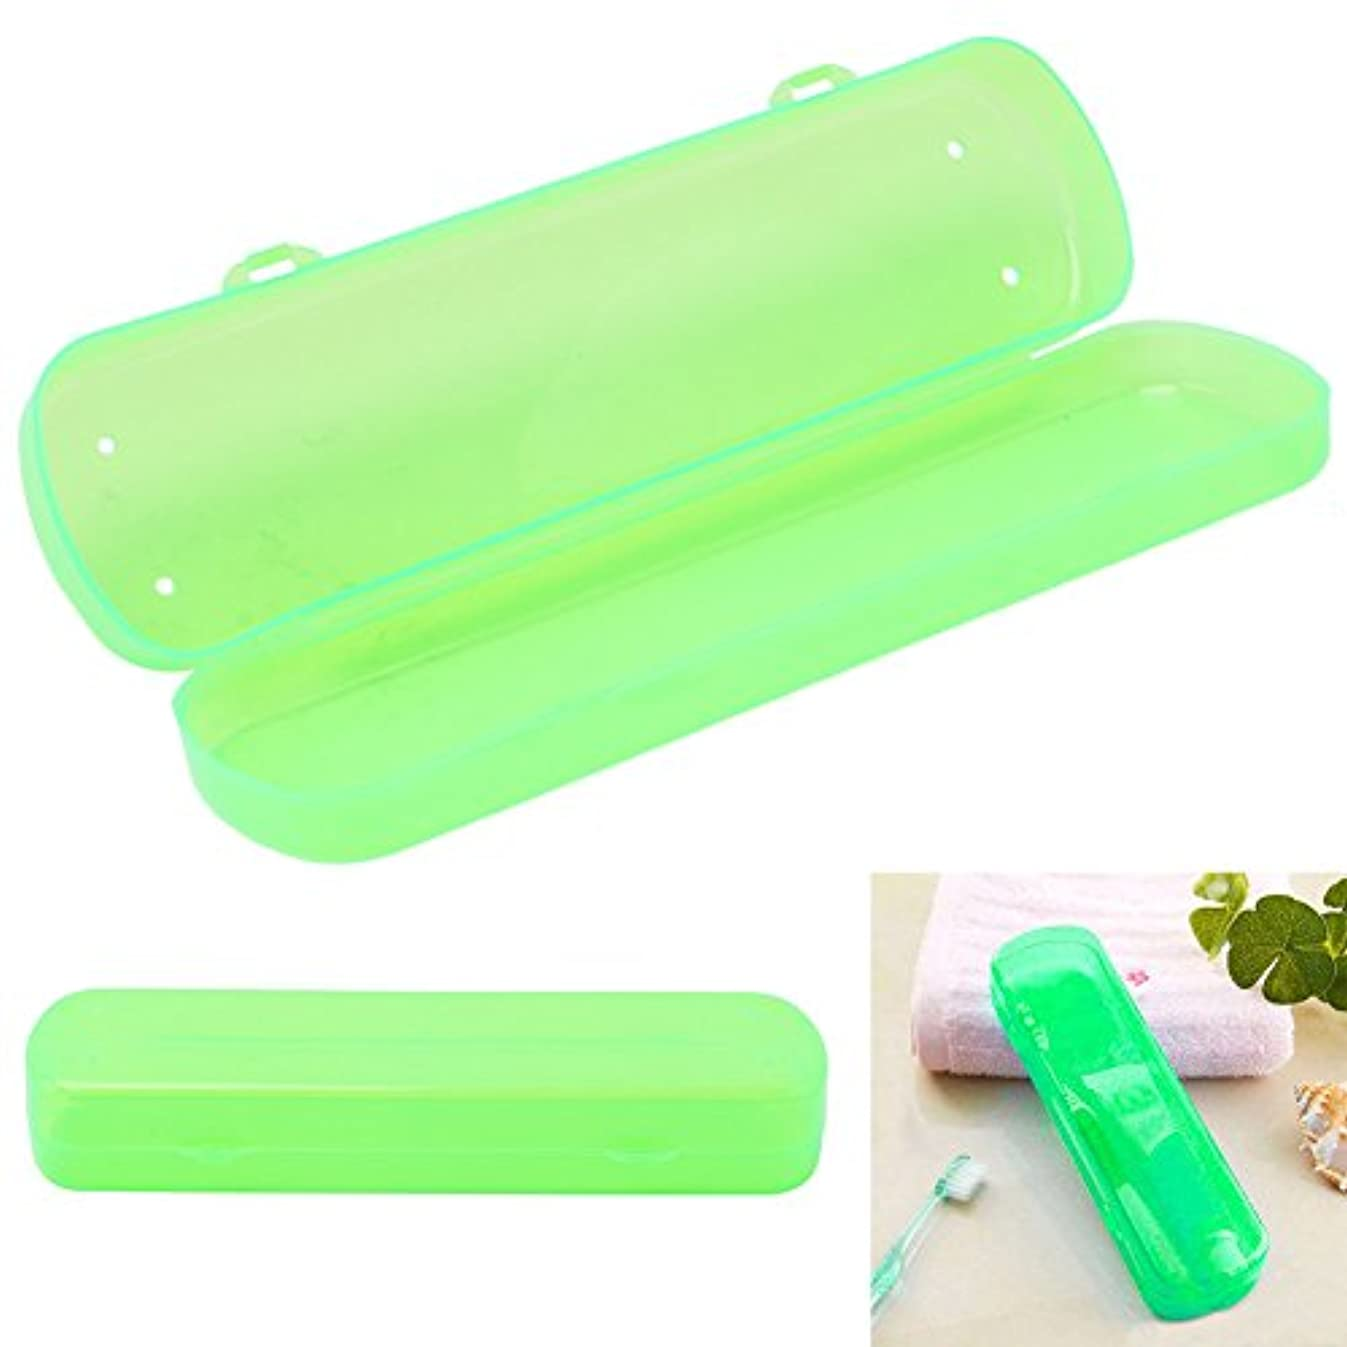 鋸歯状騒々しいのスコアMerssavo プラスチック製歯ブラシケース/旅行用ホルダー(グリーン)